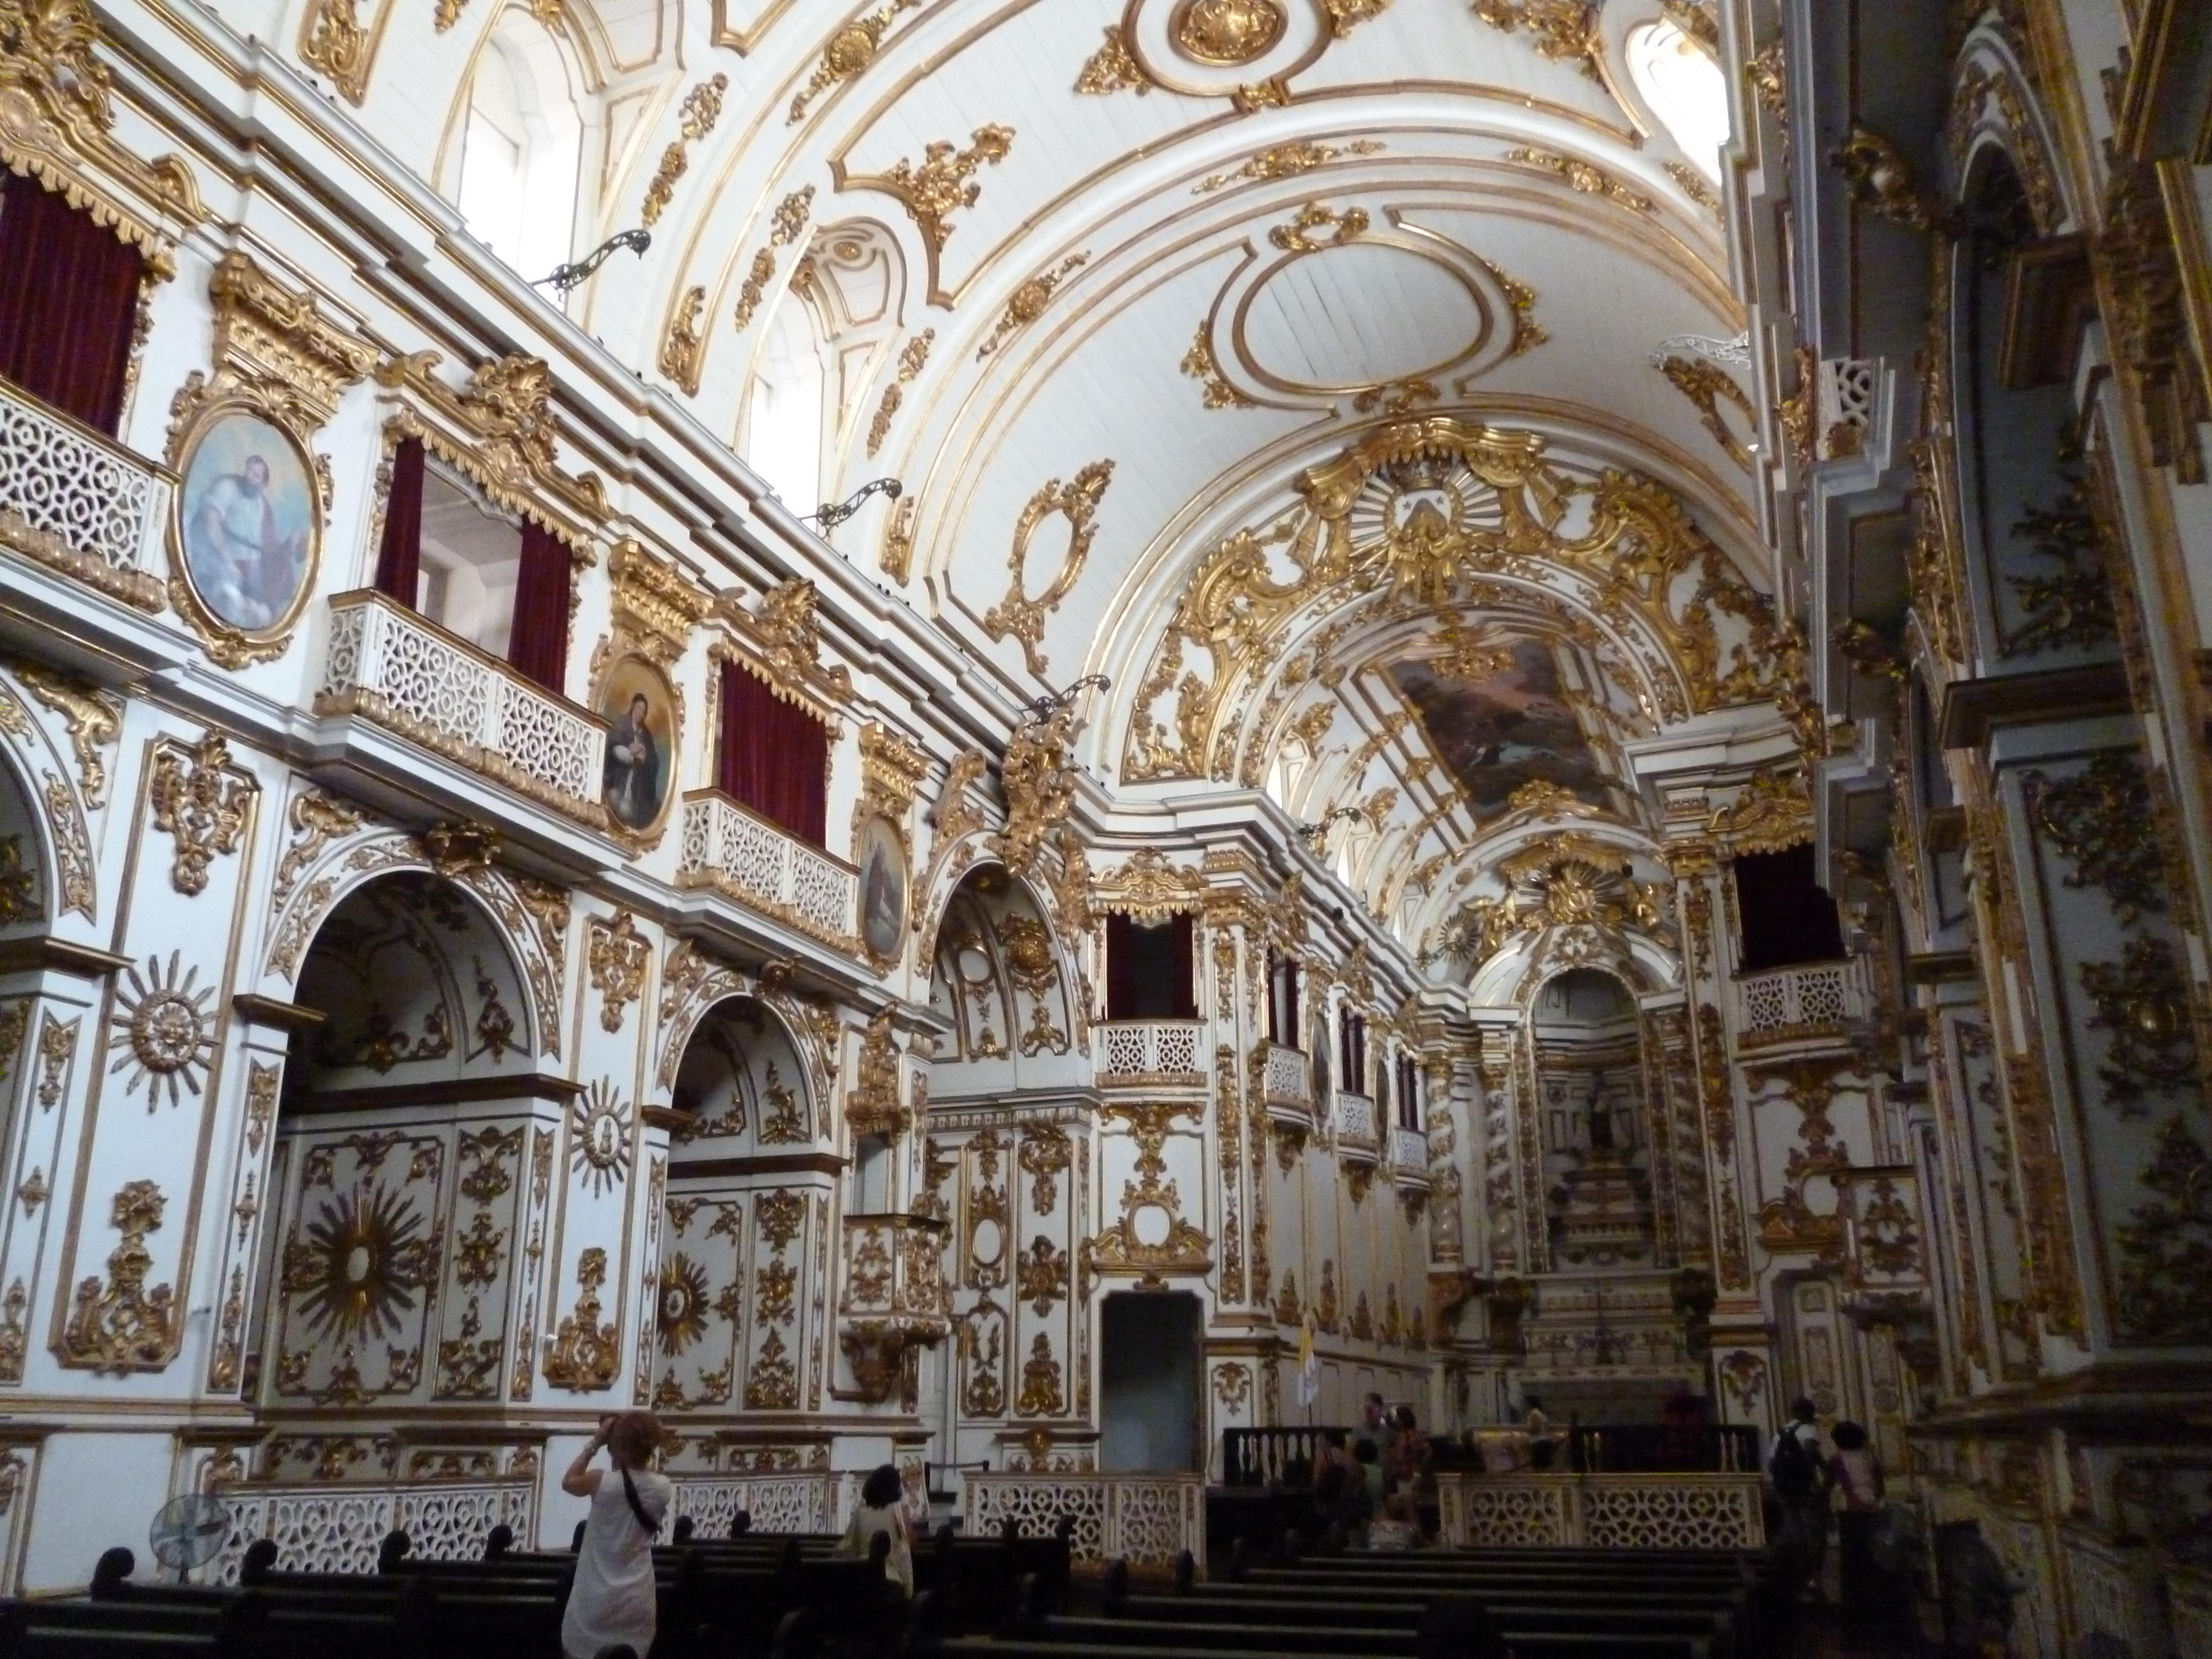 église de Nuestra Senhora do Carmo da Antigua Sé, ouf! décorée de bois. En 1822, dom Pedro 1er y fut sacré empereur du Bresil.